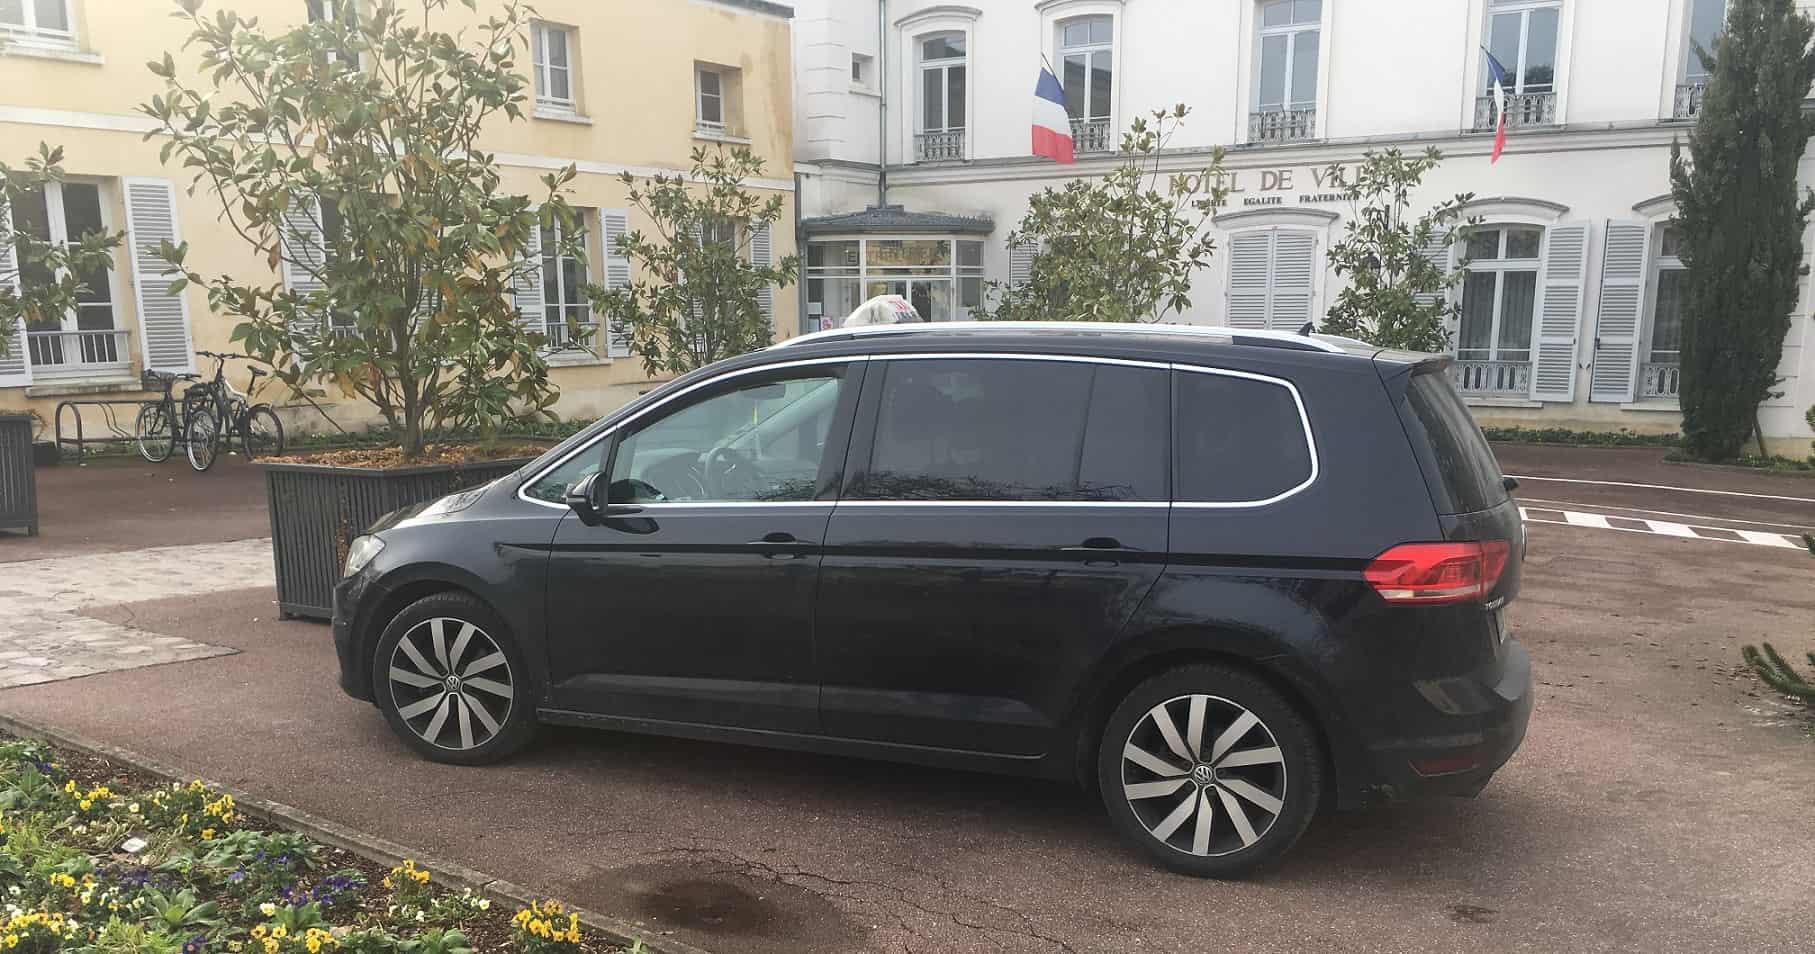 taxi SAINT MICHEL SUR ORGE Sainte-Geneviève-des-Bois Brétigny-sur-Orge Arpajon Leuville-sur-Orge Le Plessis-Pâte Saint-Germain-les-Arpajon Longpont-sur-Orge Fleury-Mérogis Essonne Paris